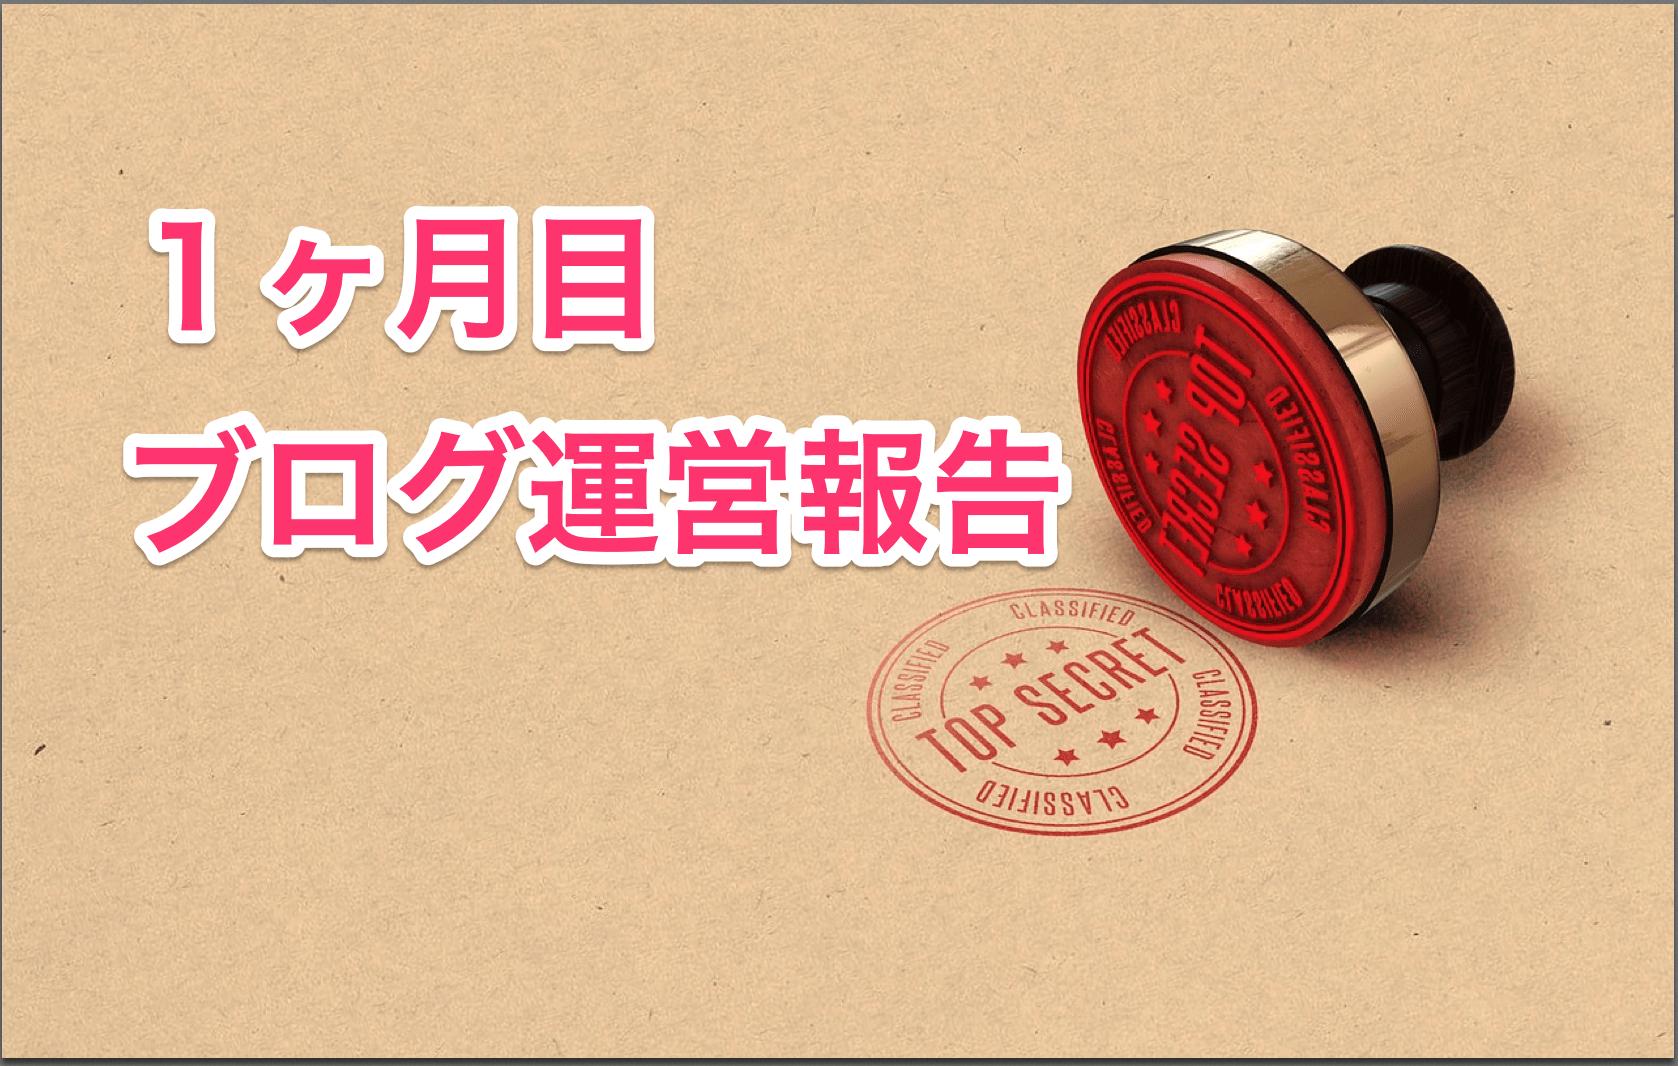 【ブログ運営報告】初心者ブログが1ヶ月目で1日100PV達成!【PV数、収益は?】